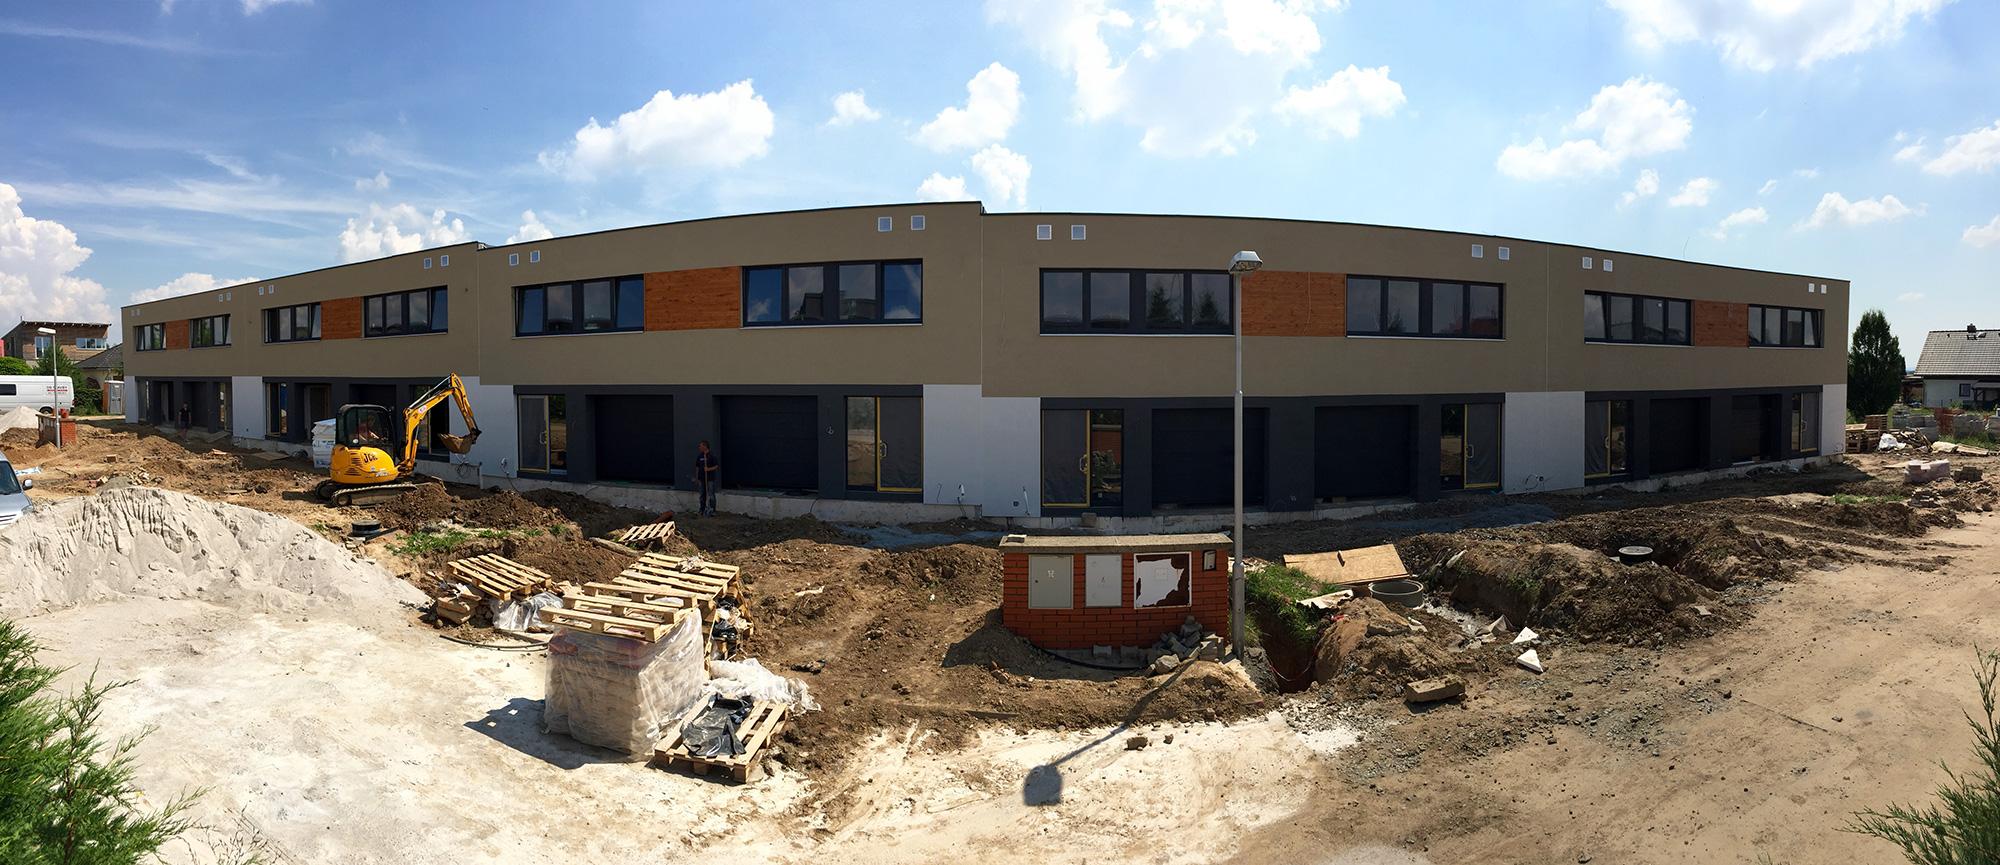 Golf Michalovice - řadové domy, první etapa. Brzy připraveno!